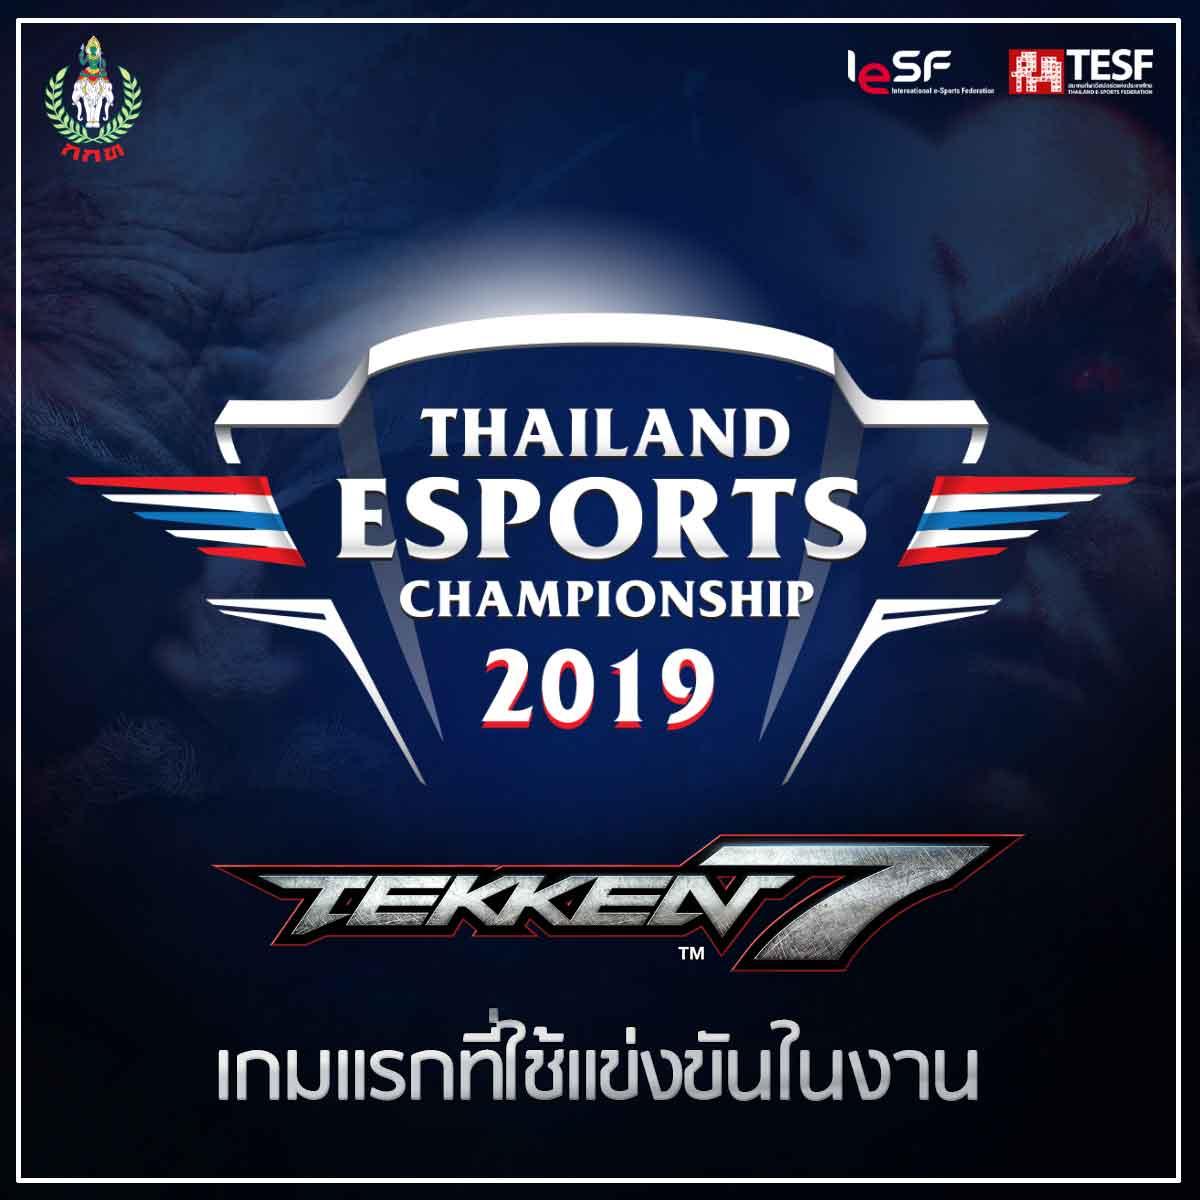 Thailnd Esports 1492019 4